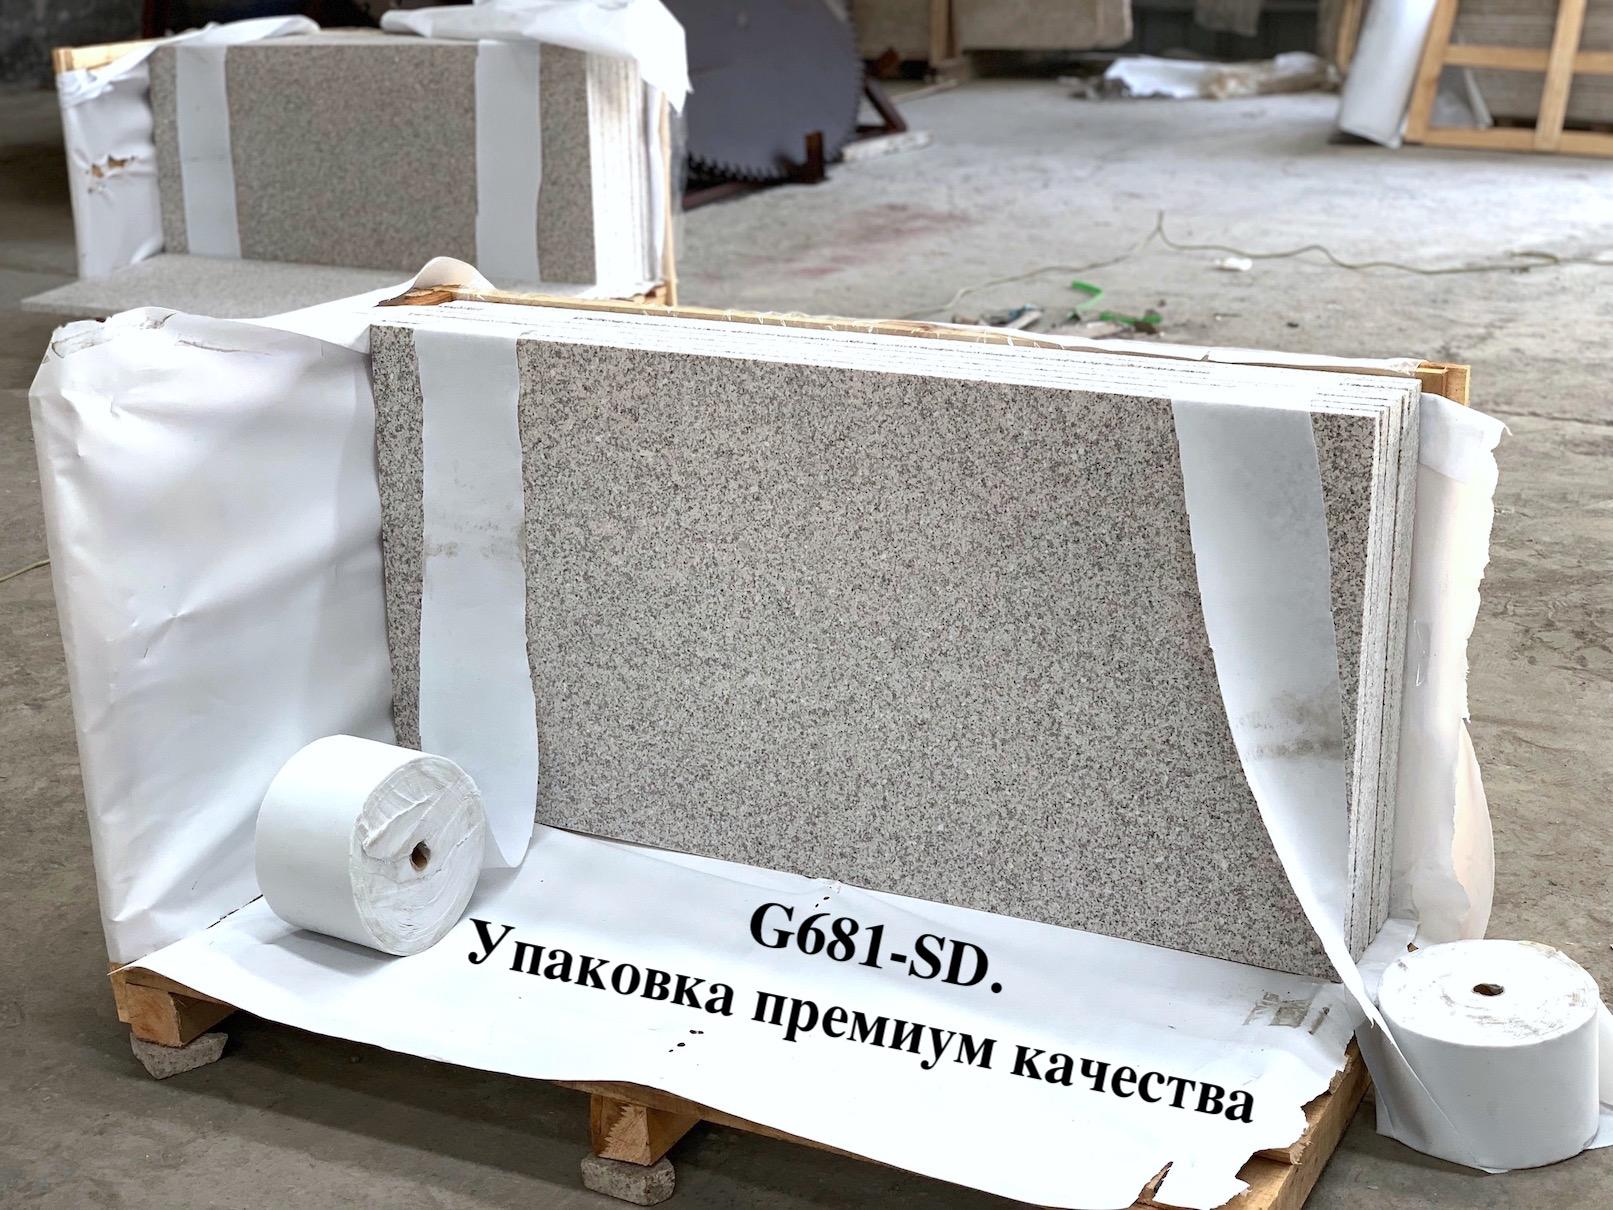 G681-SD фото 6052ffbecf8a2